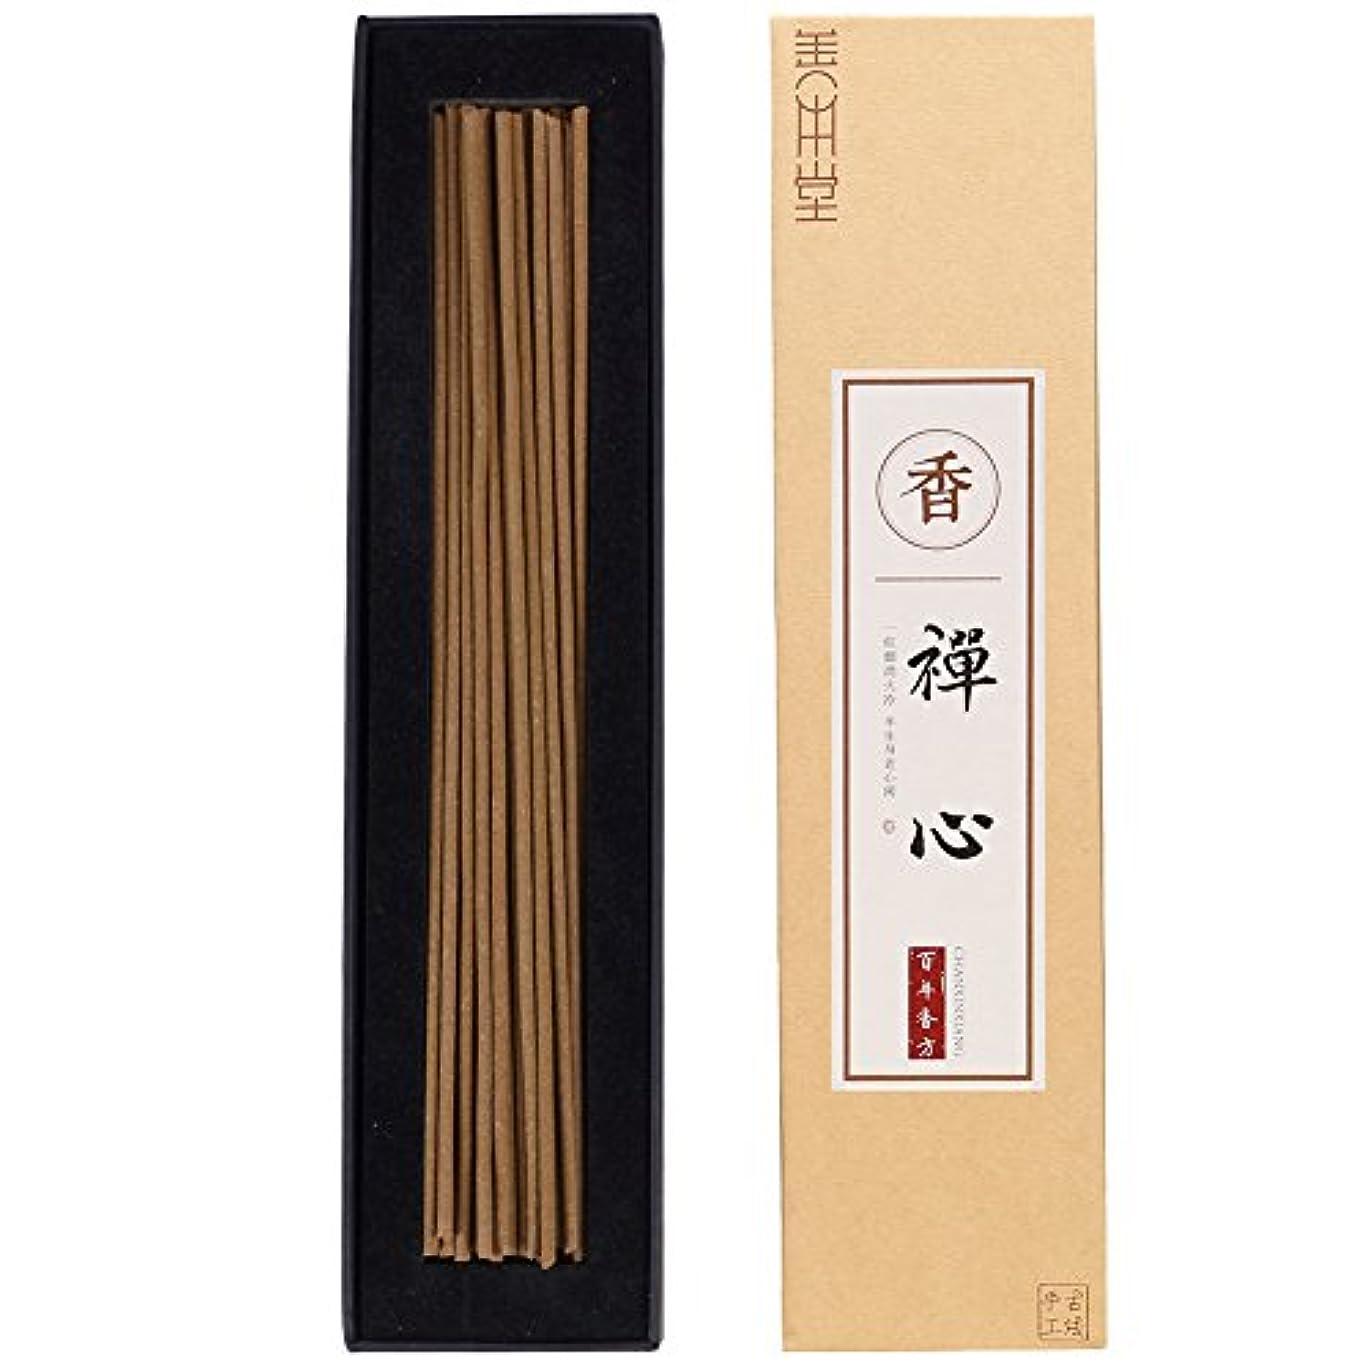 盲信毎回多様体善本堂天然の手作りお香 伝統技術作る 禅の心お香 養心安神のお香 お線香ギフト (21cm 50本入)